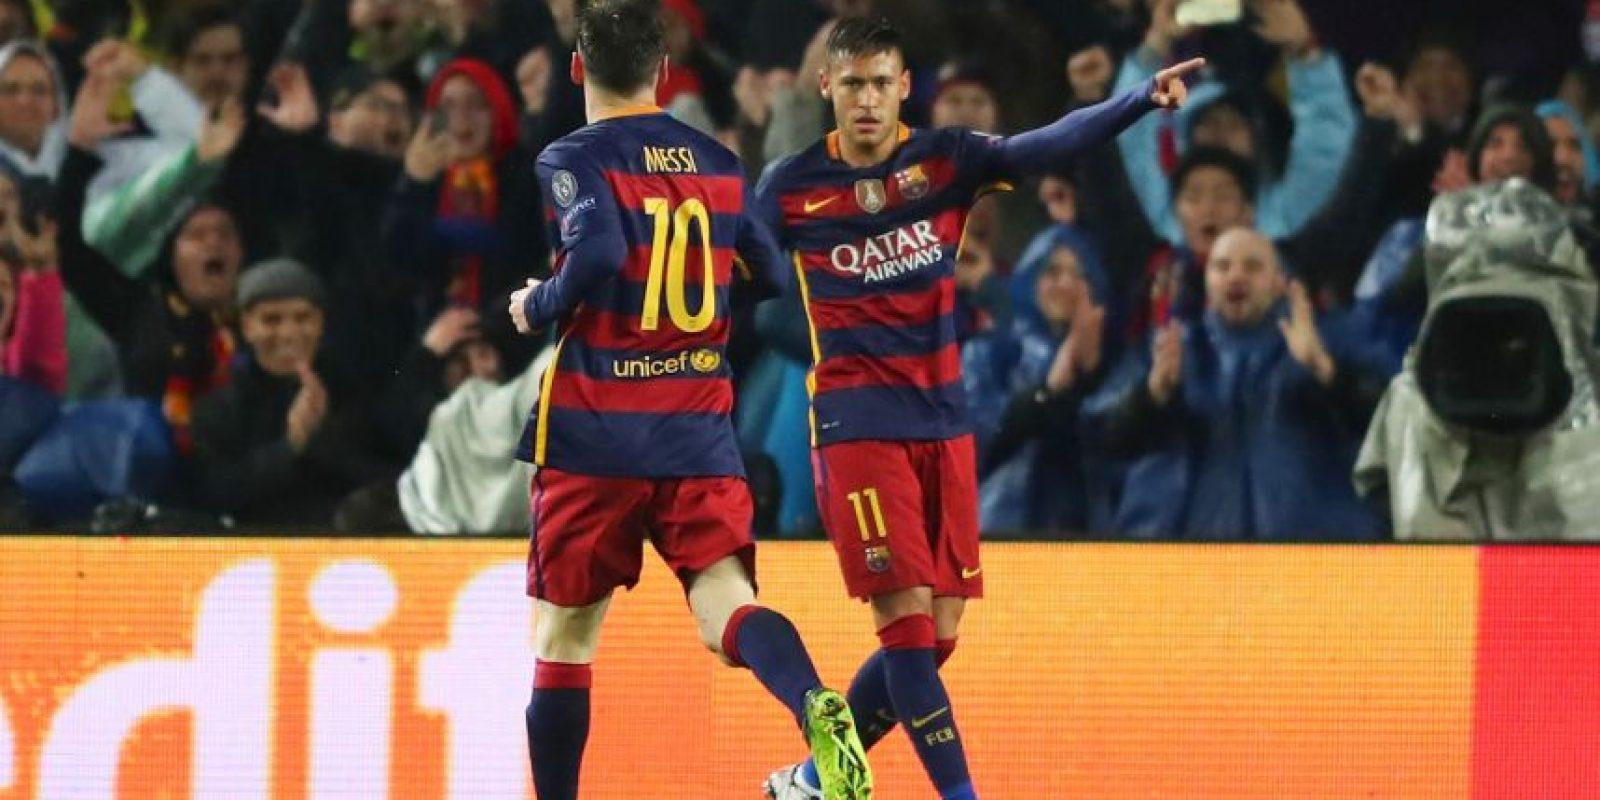 La final del derbi de España solo es superada por una última instancia protagonizada por los culés y Bayern Múnich Foto:Getty Images